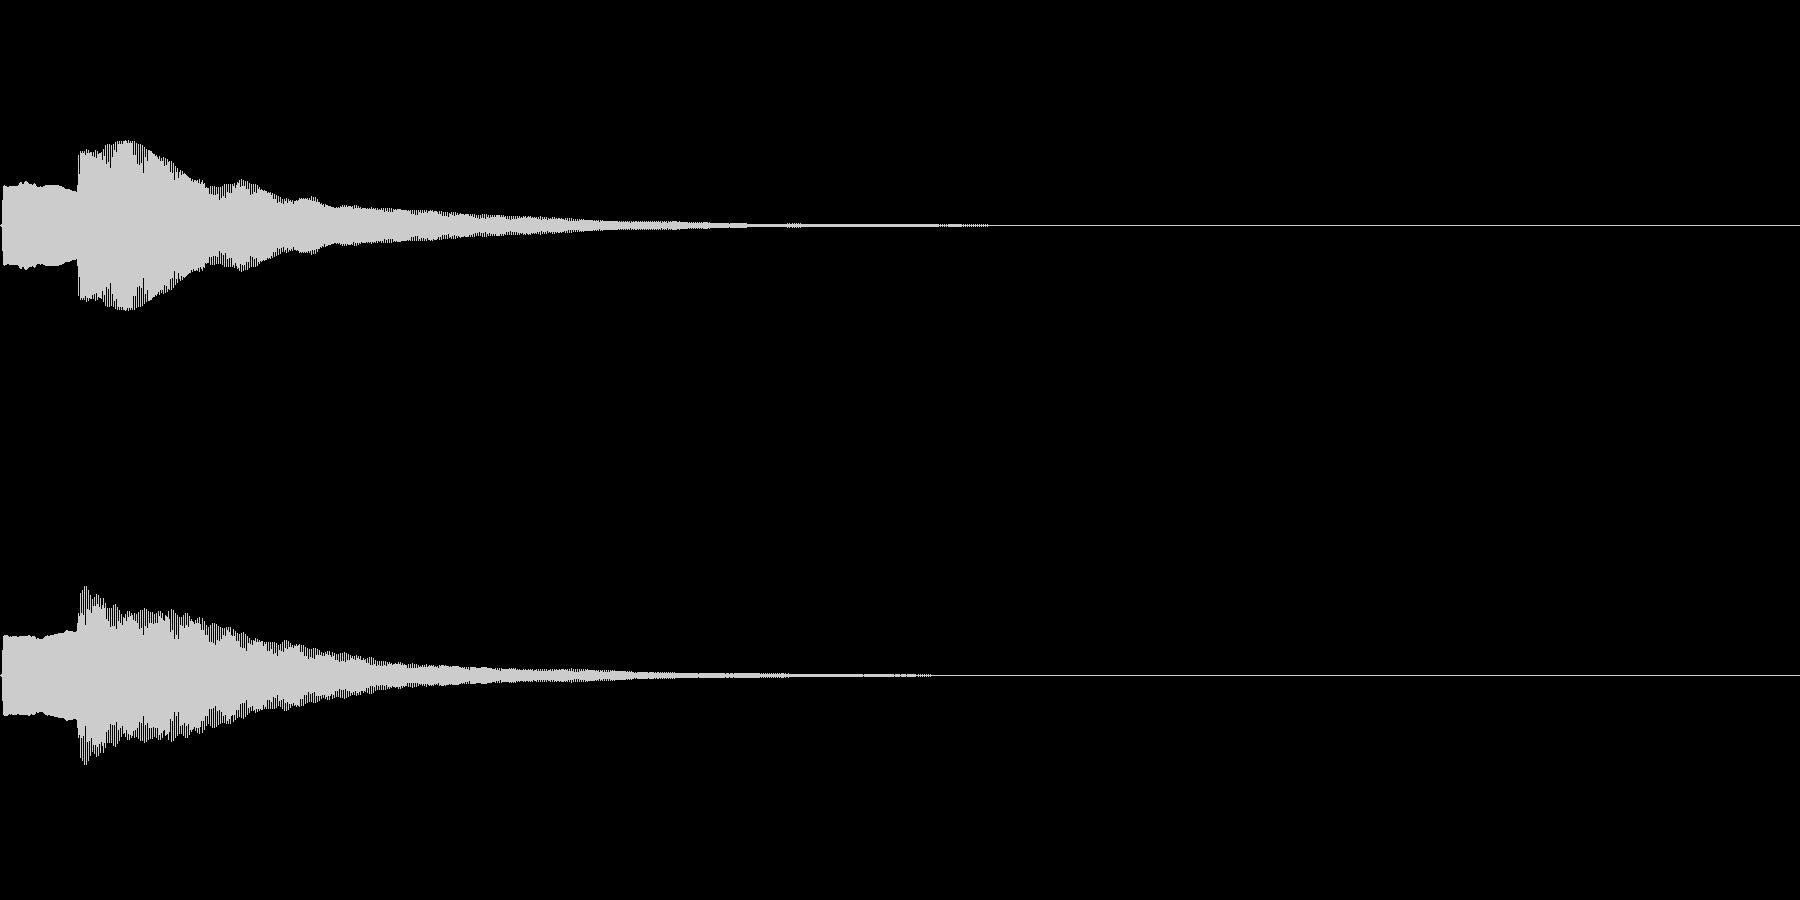 ピンポン という感じの効果音 クイズ用の未再生の波形